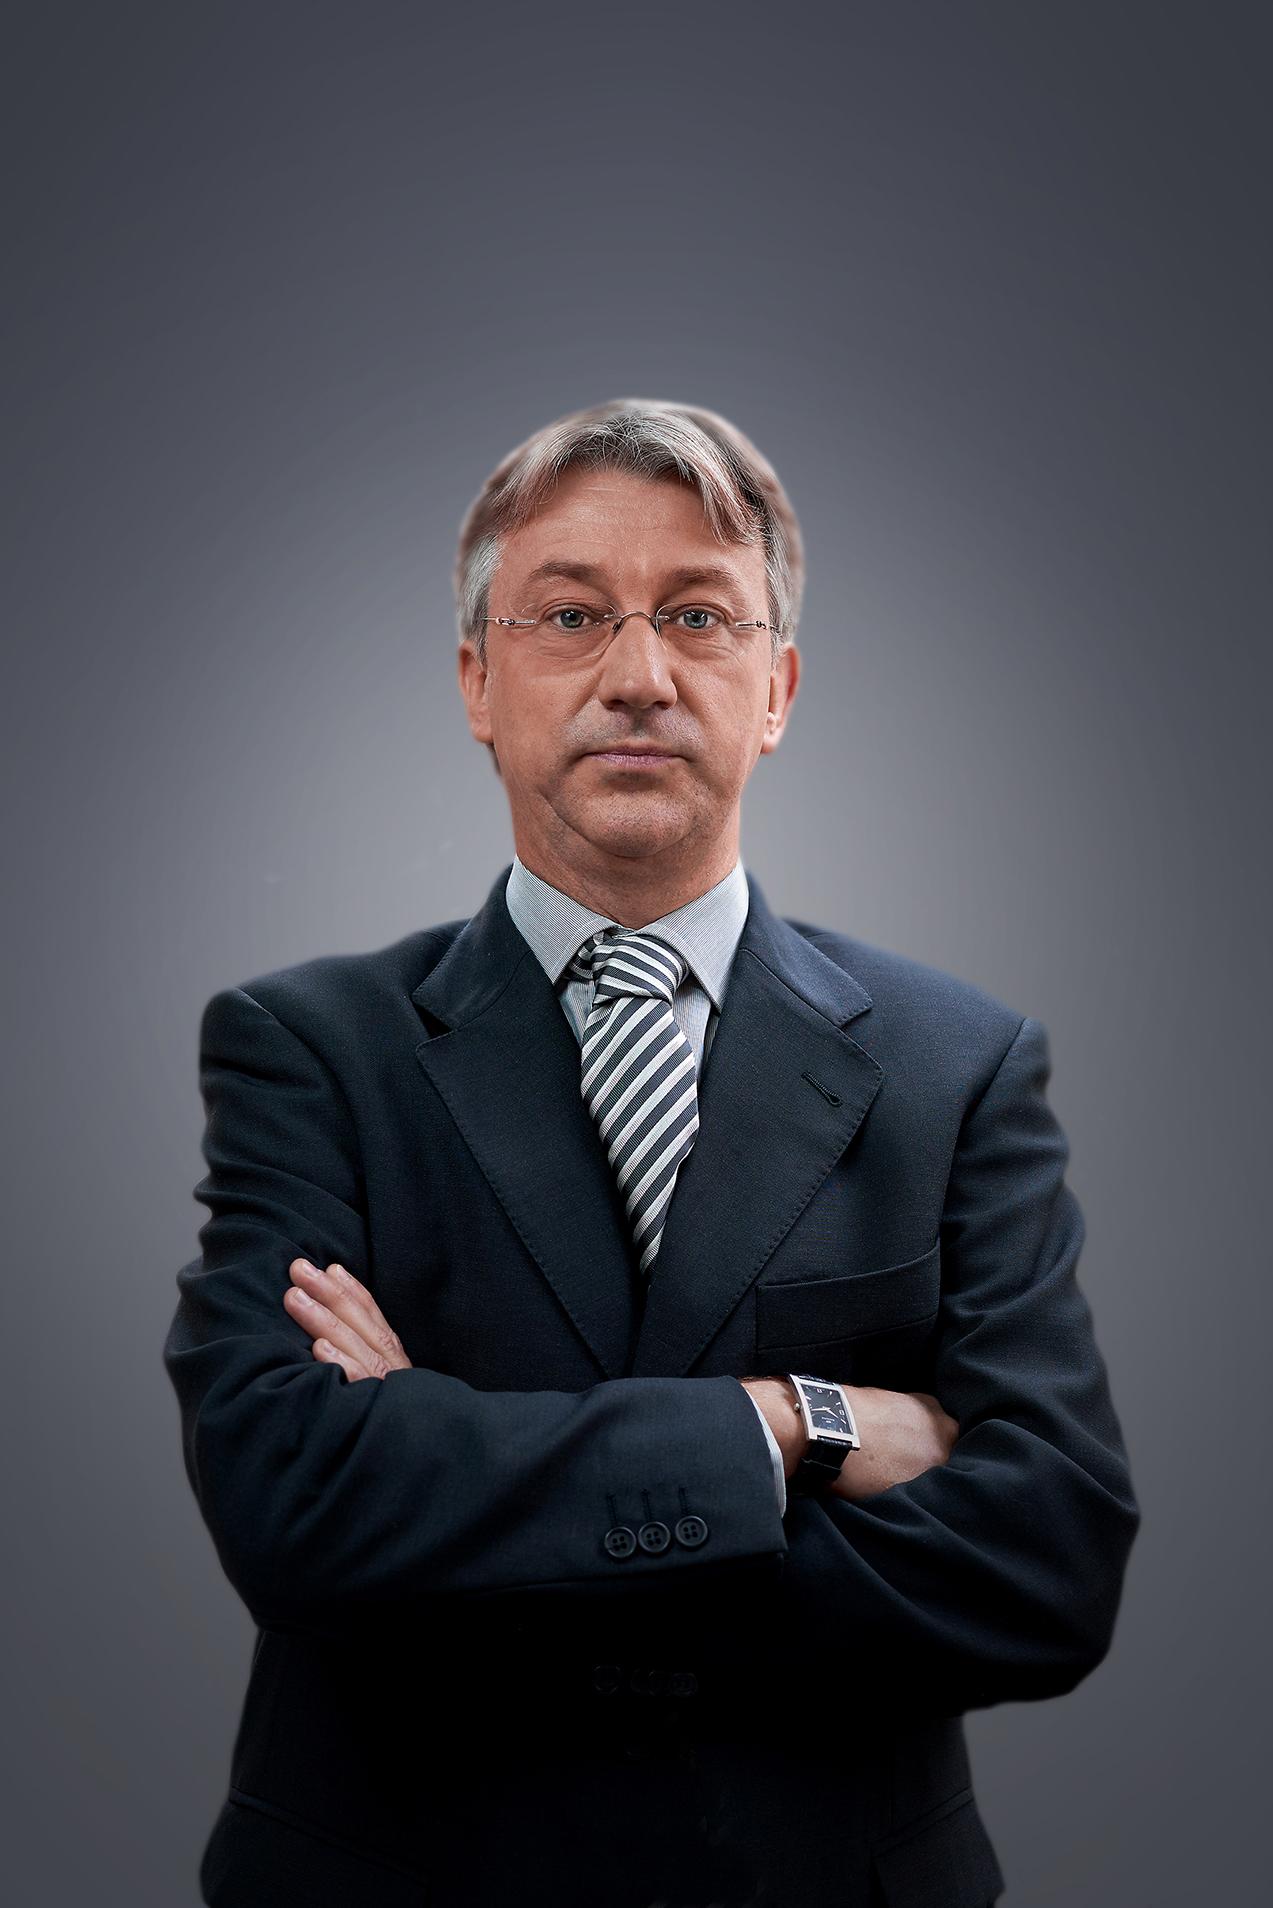 Juan Carlos Bonastre Villasante